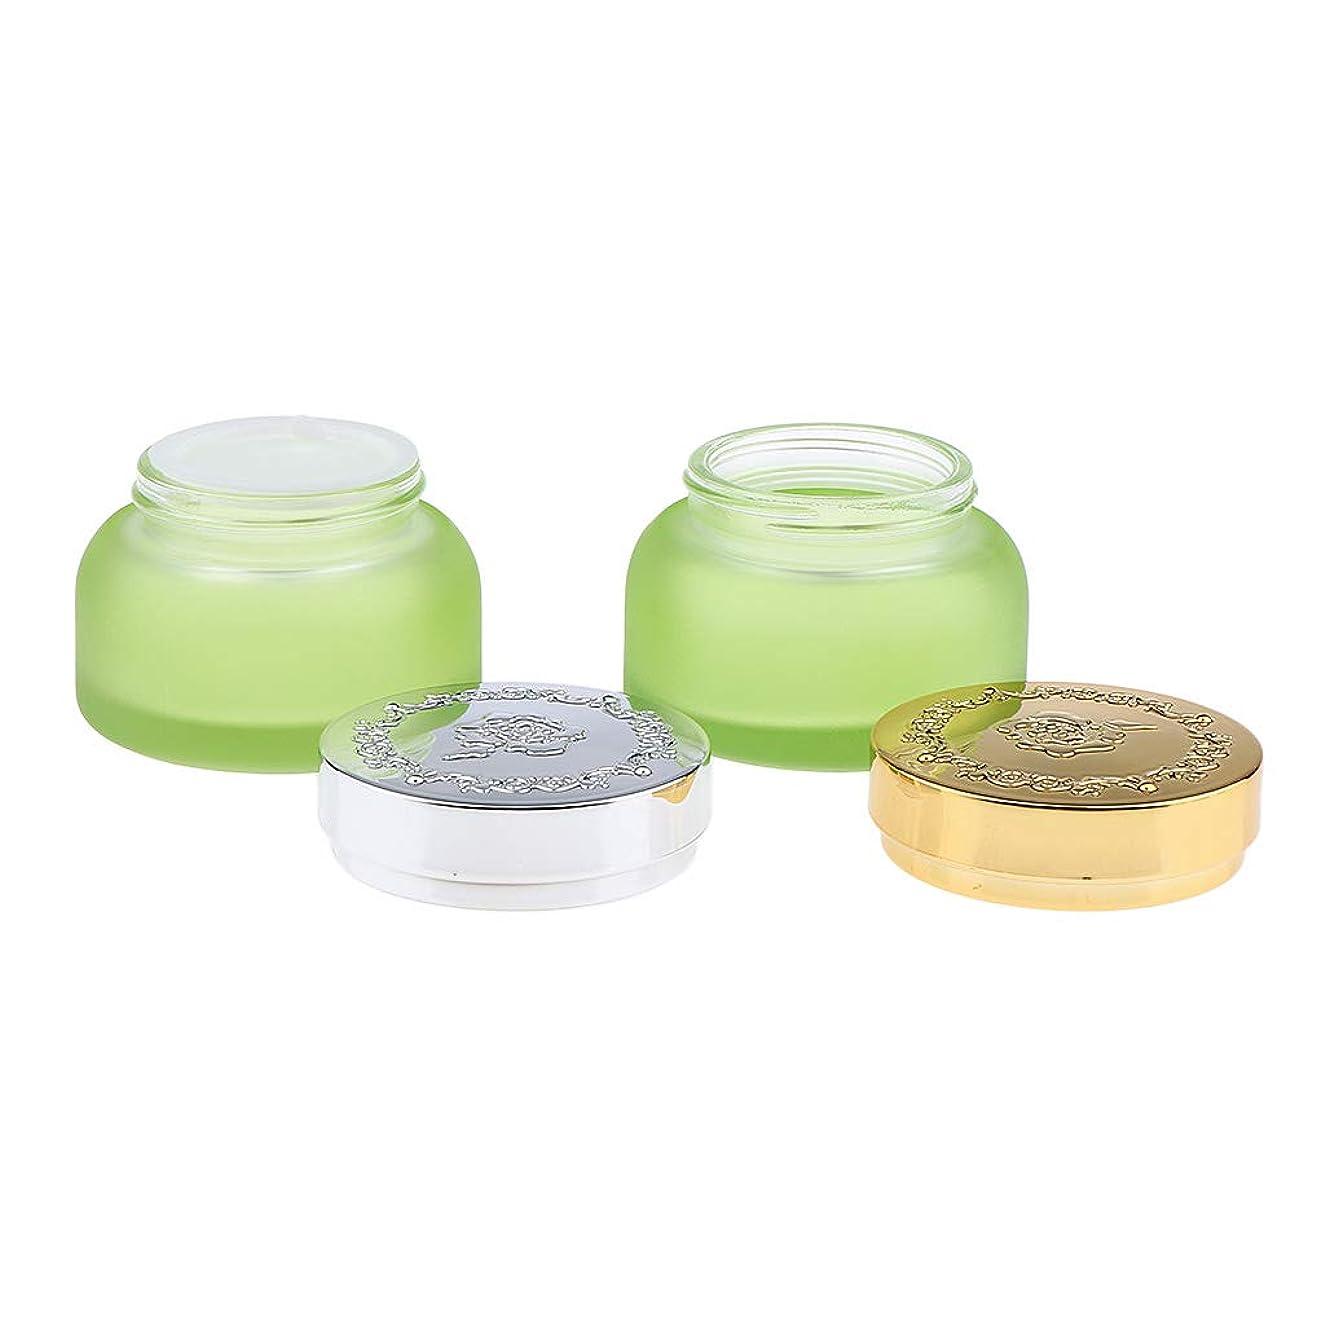 SM SunniMix 空き缶 ガラス製 フェイスクリーム 化粧品容器 ボトル 小分け容器 詰め替え 全2サイズ 2個 - 容量50g